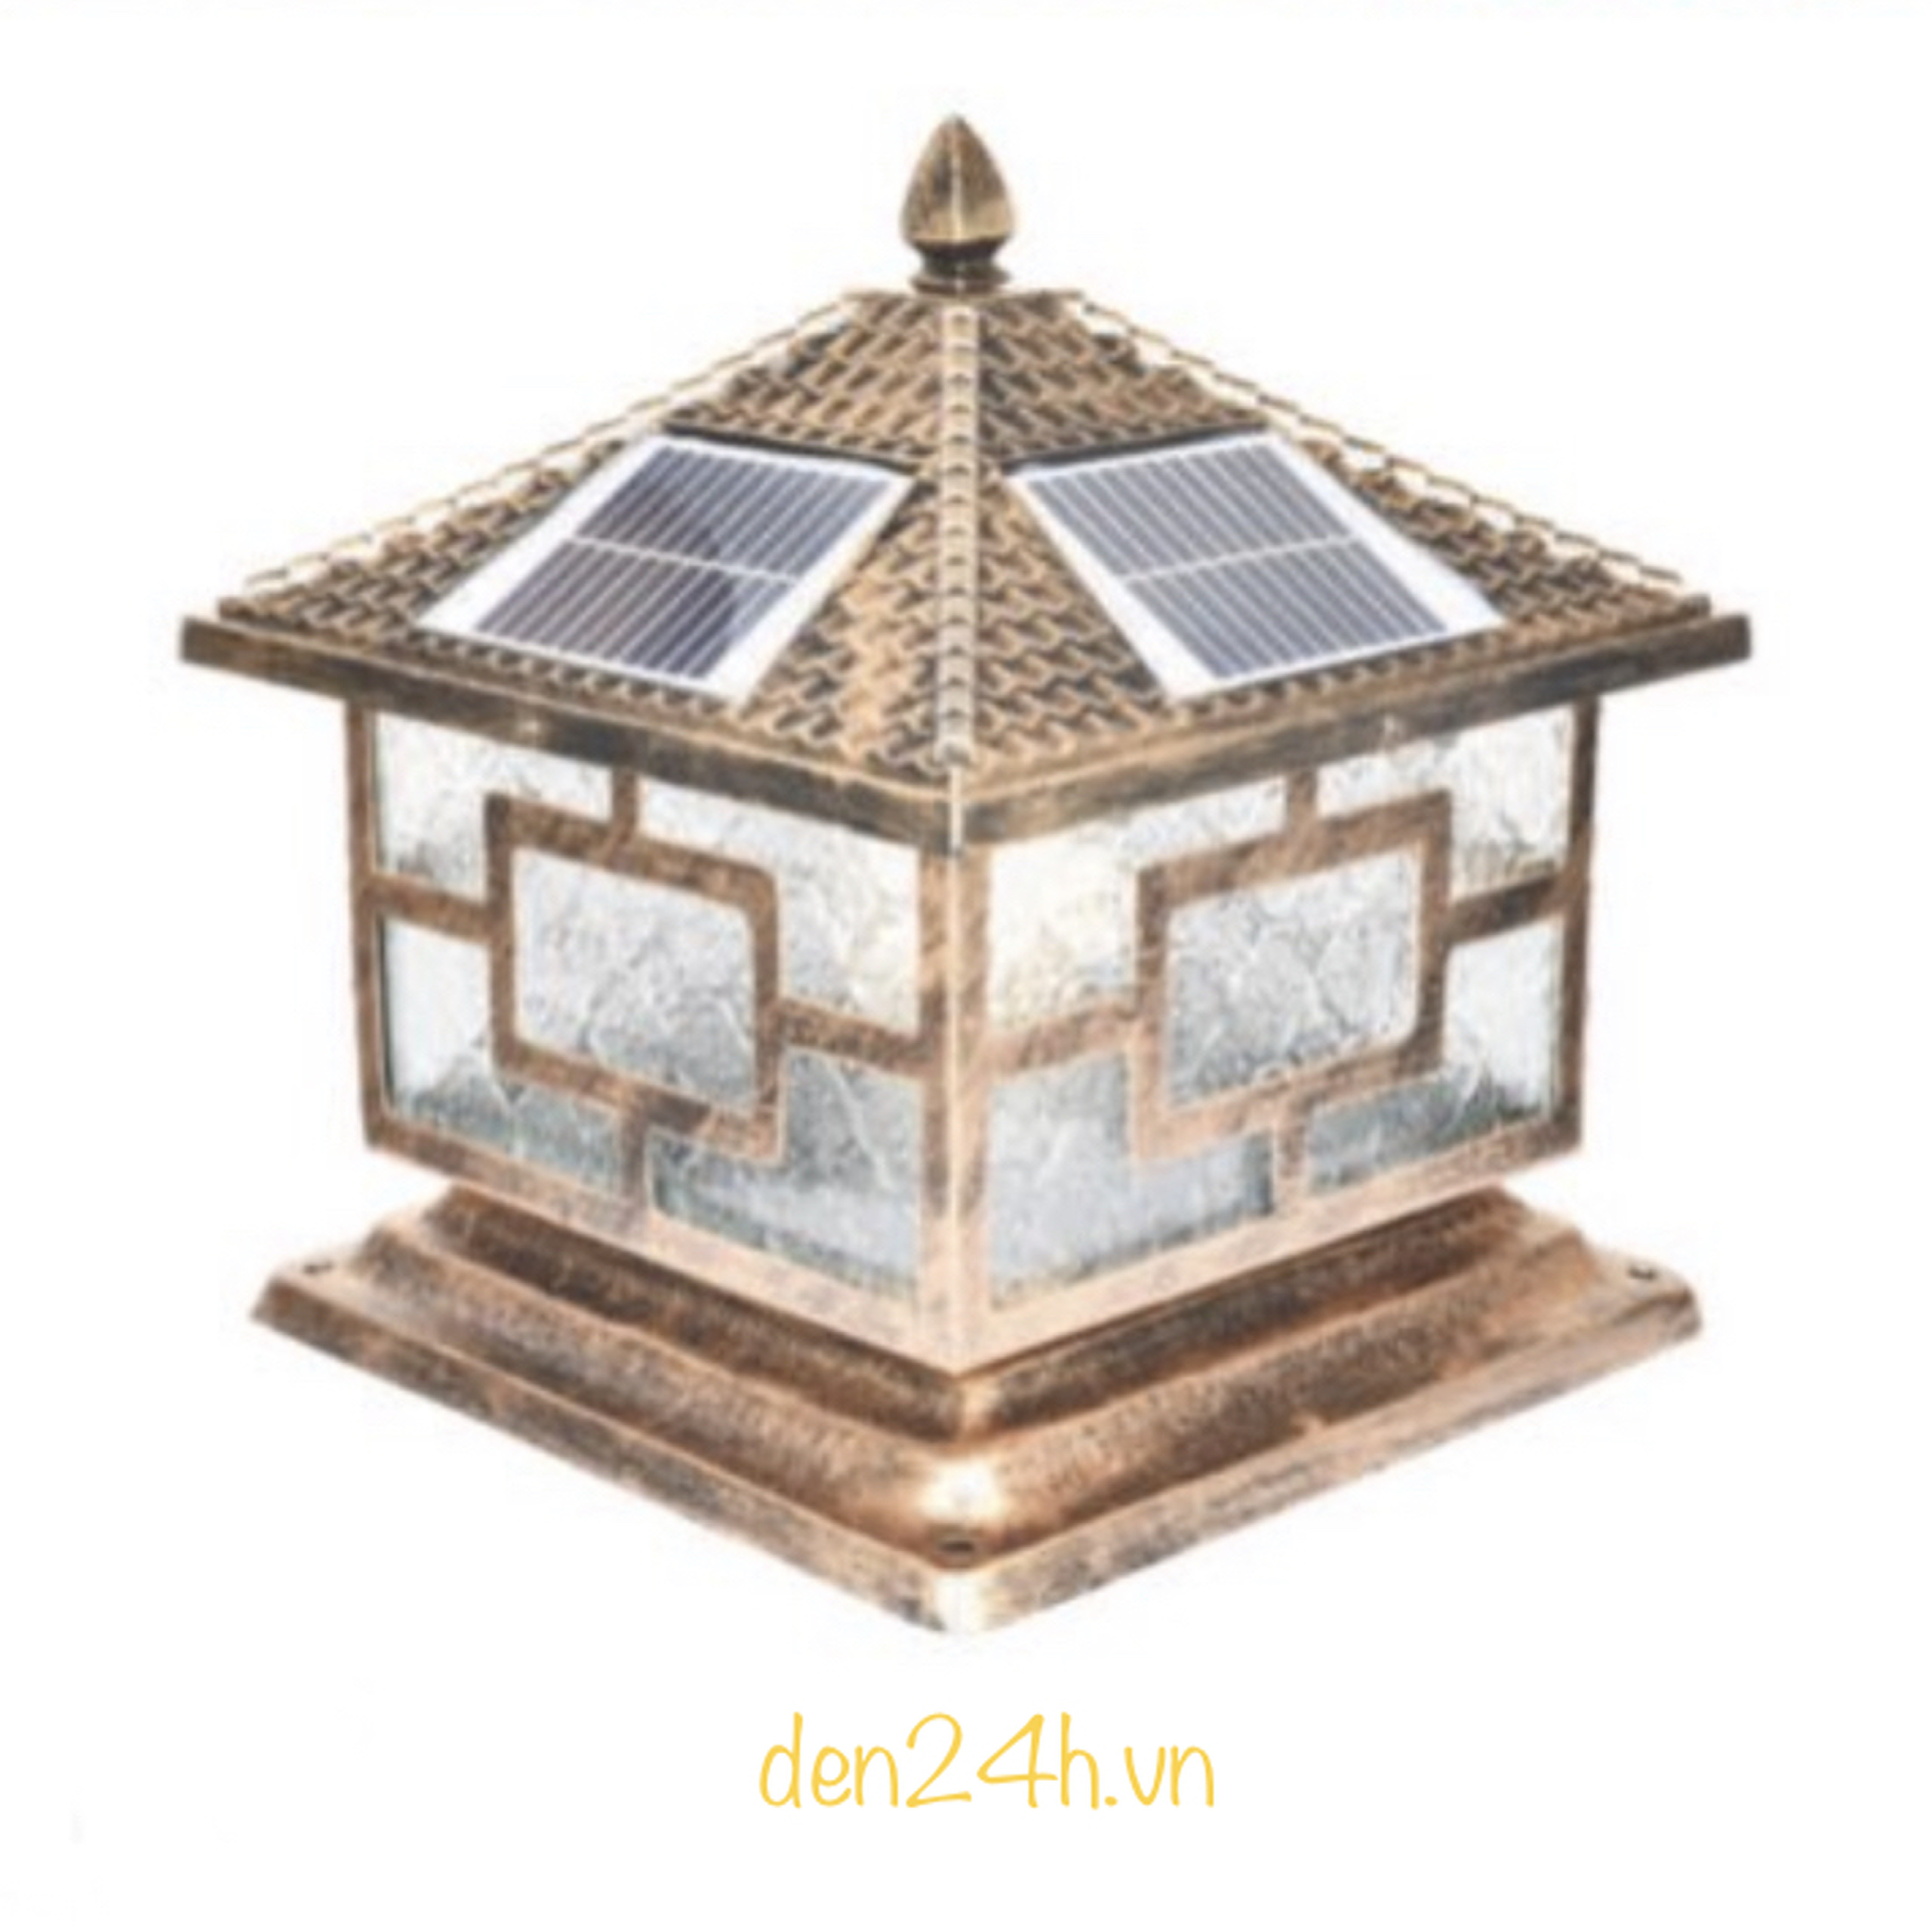 Đèn trụ cổng năng lượng mặt trời CT1 Solar-20  L400xH350